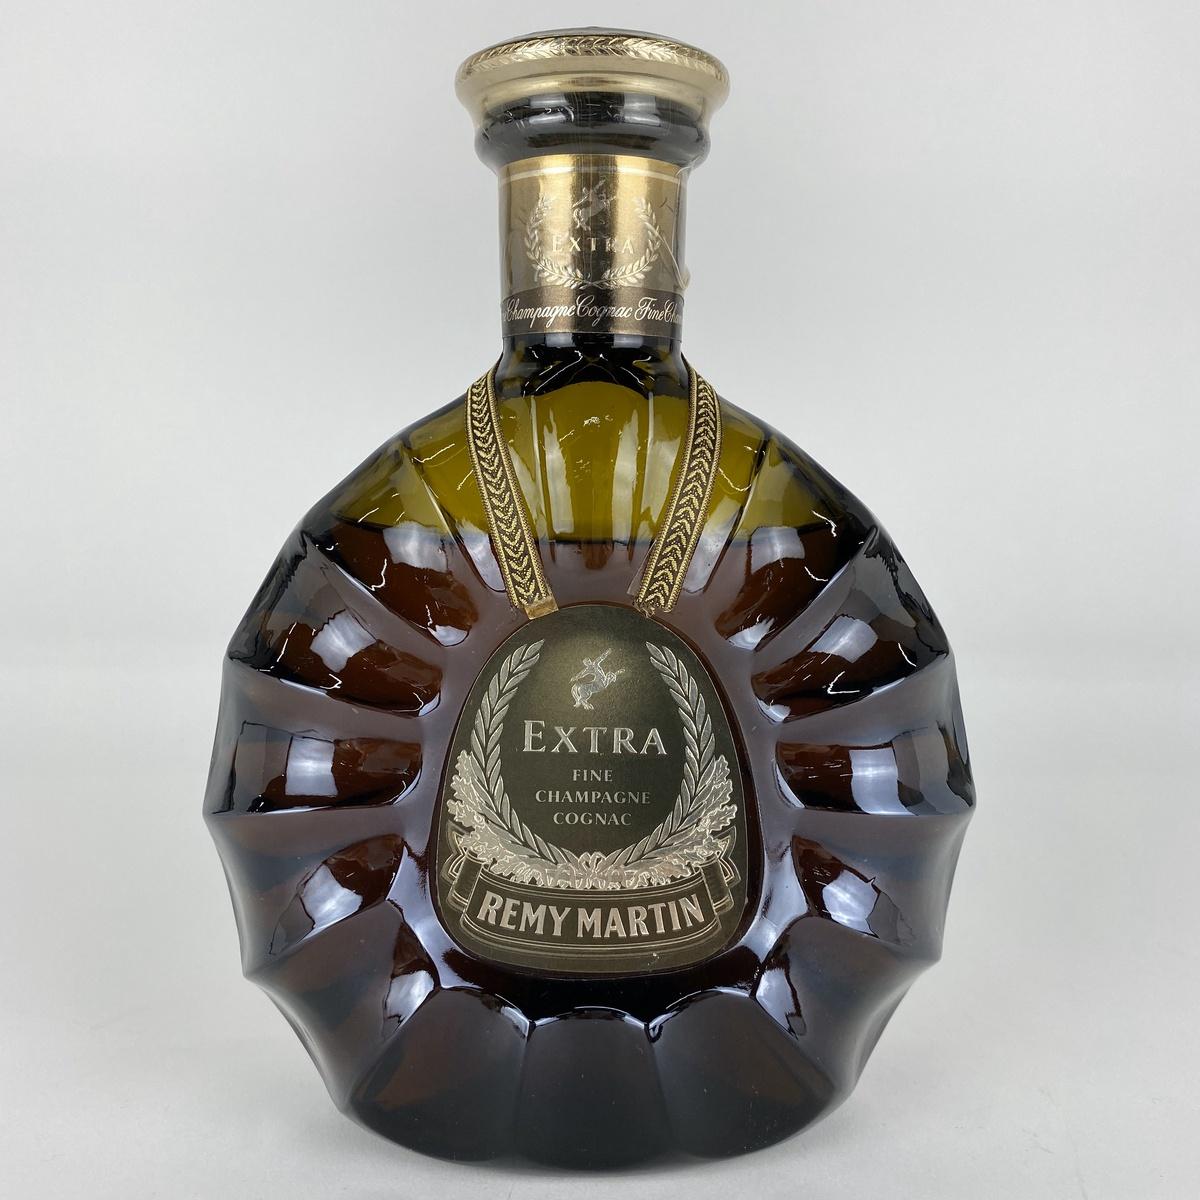 レミーマルタン REMY MARTIN エクストラ グリーンボトル 700ml ブランデー コニャック 【古酒】